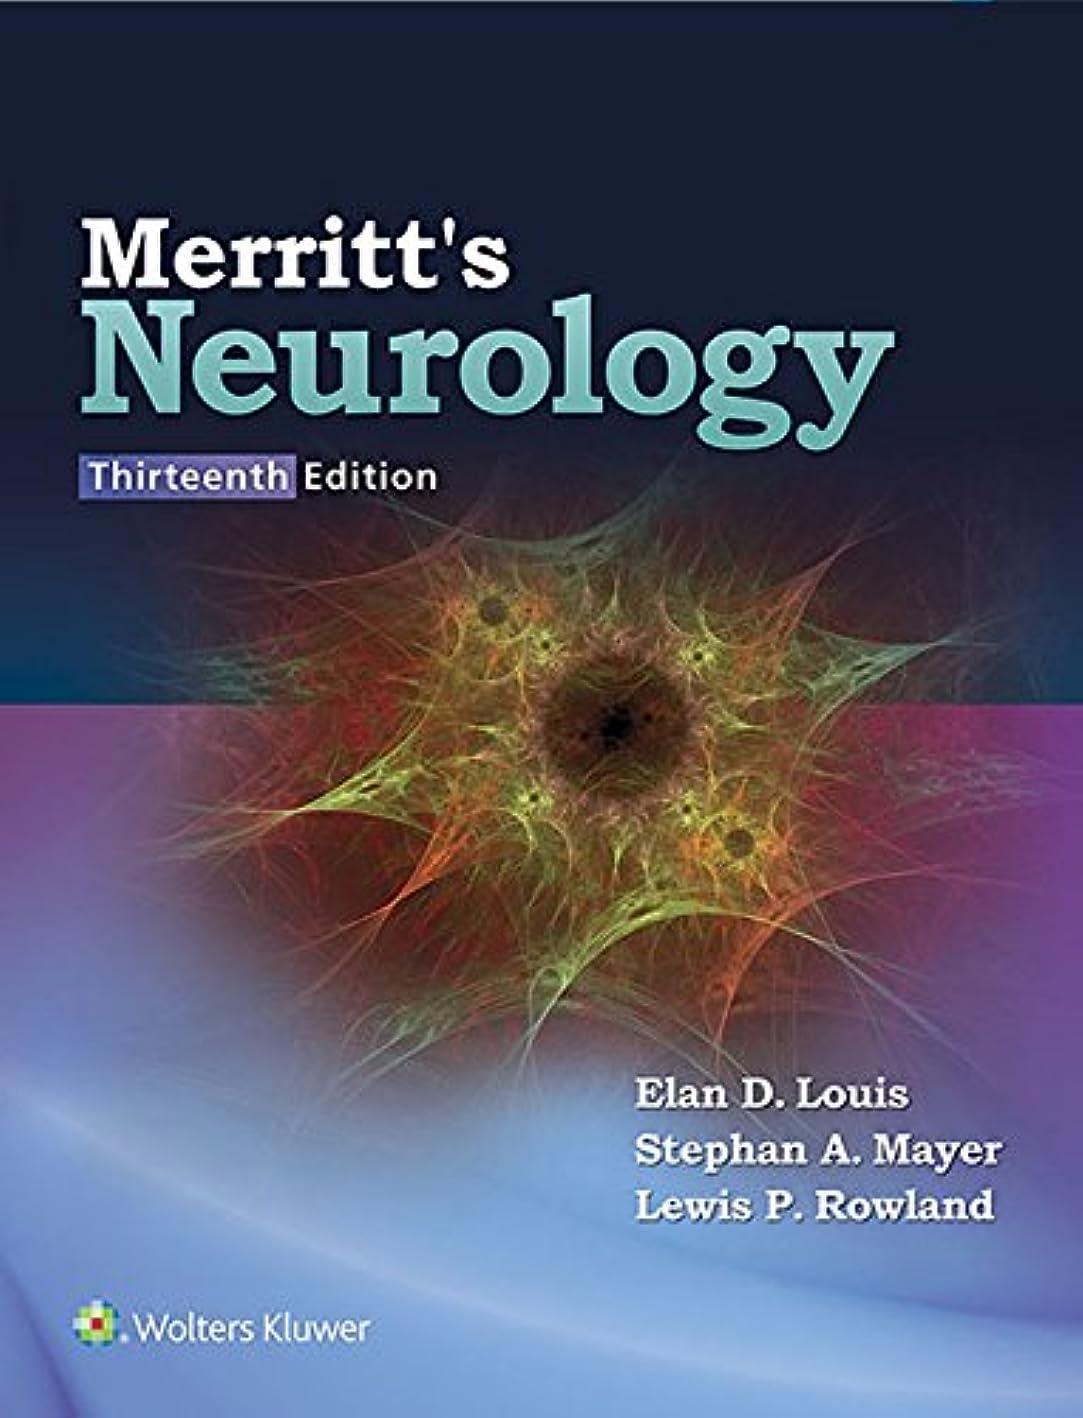 縁磁石ファイナンスMerritt's Neurology (English Edition)